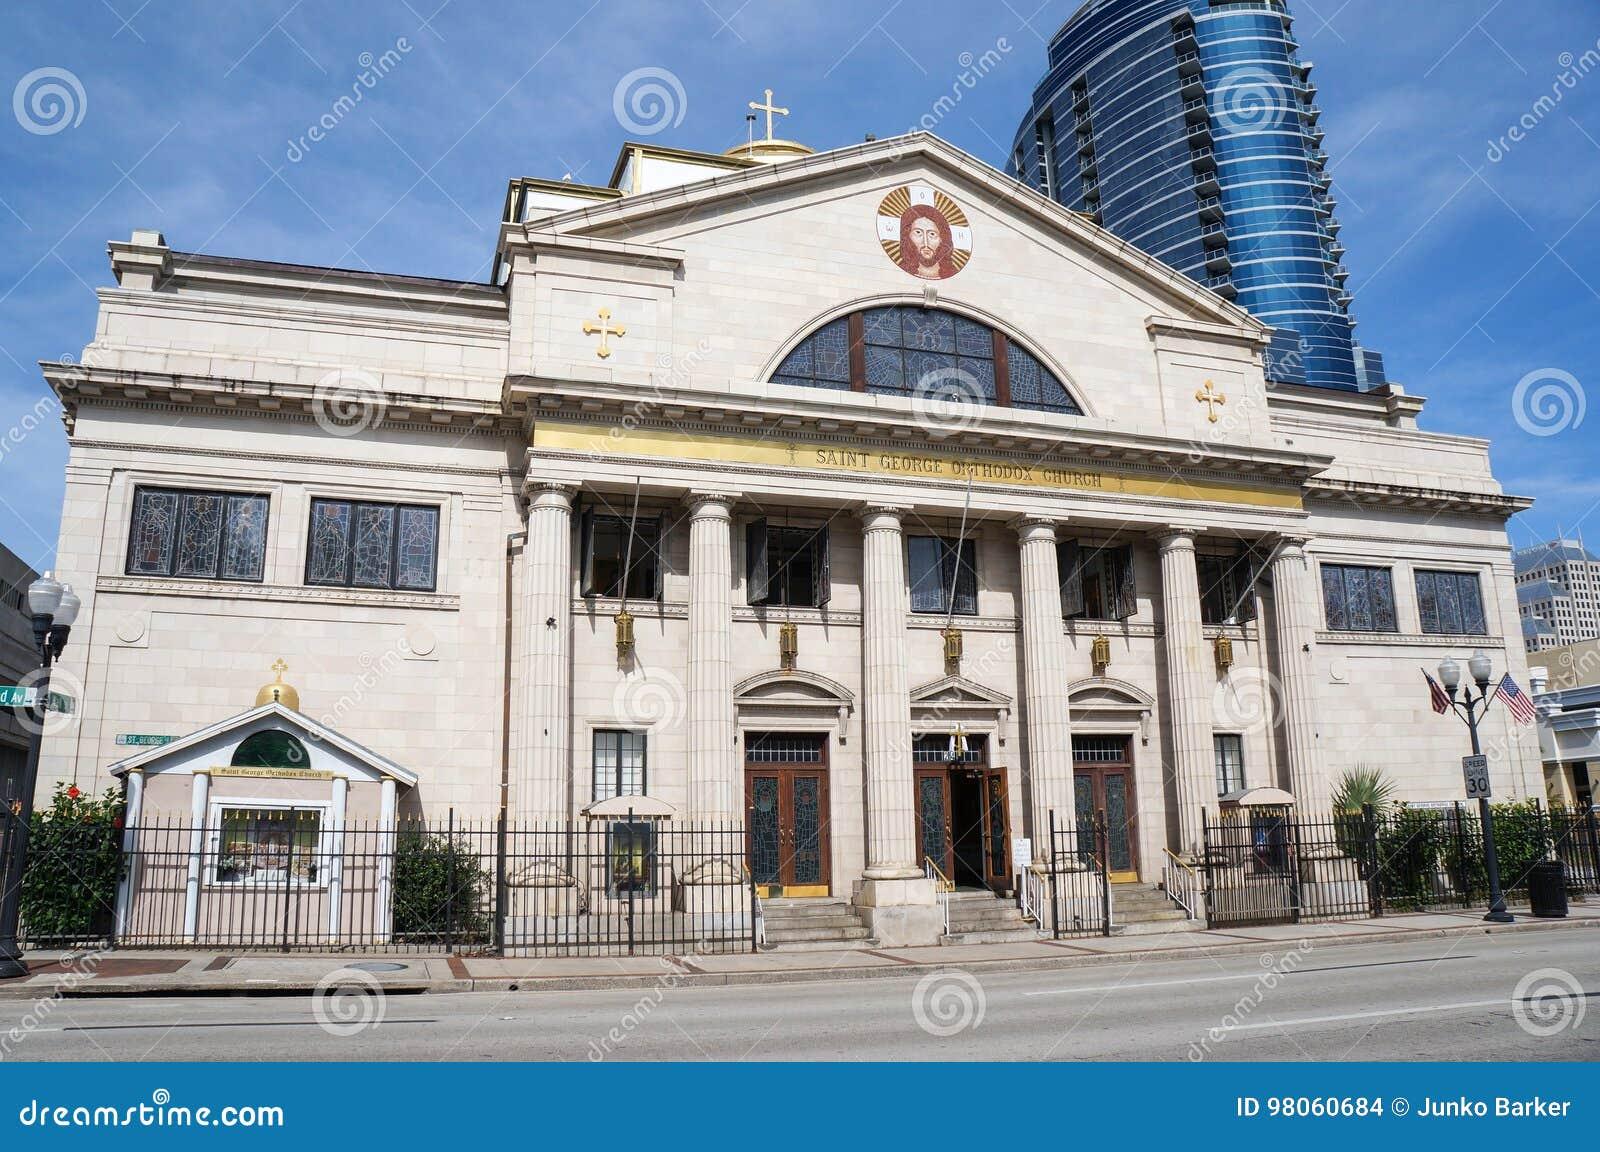 Vista delantera de St George Antiochian Orthodox Church en Orlando Florida Downtown Orlando, la Florida, Estados Unidos